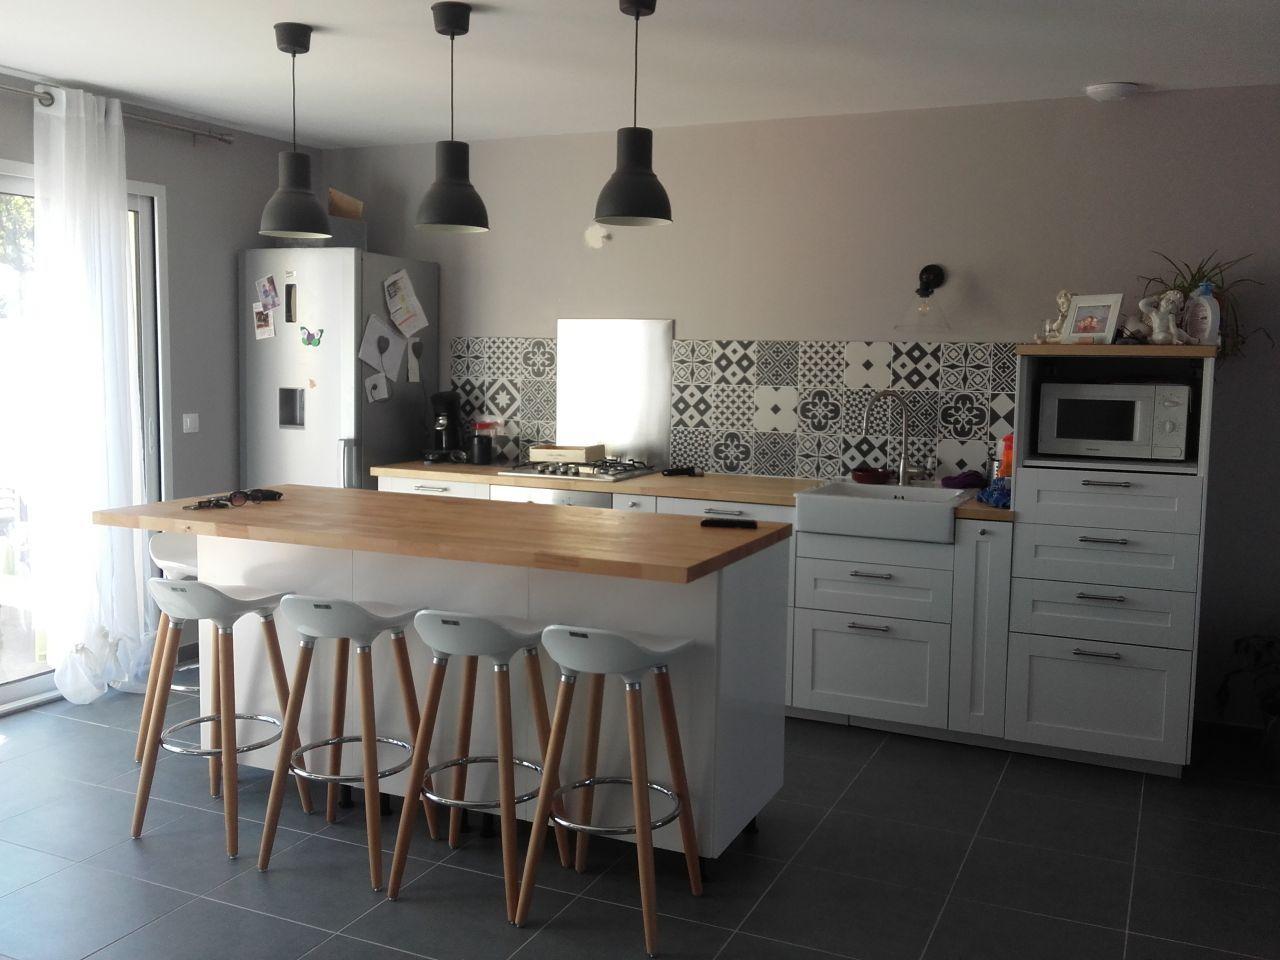 Cuisine 8m8 cuisine sol gris foncé - Bedarrides (Vaucluse - 8